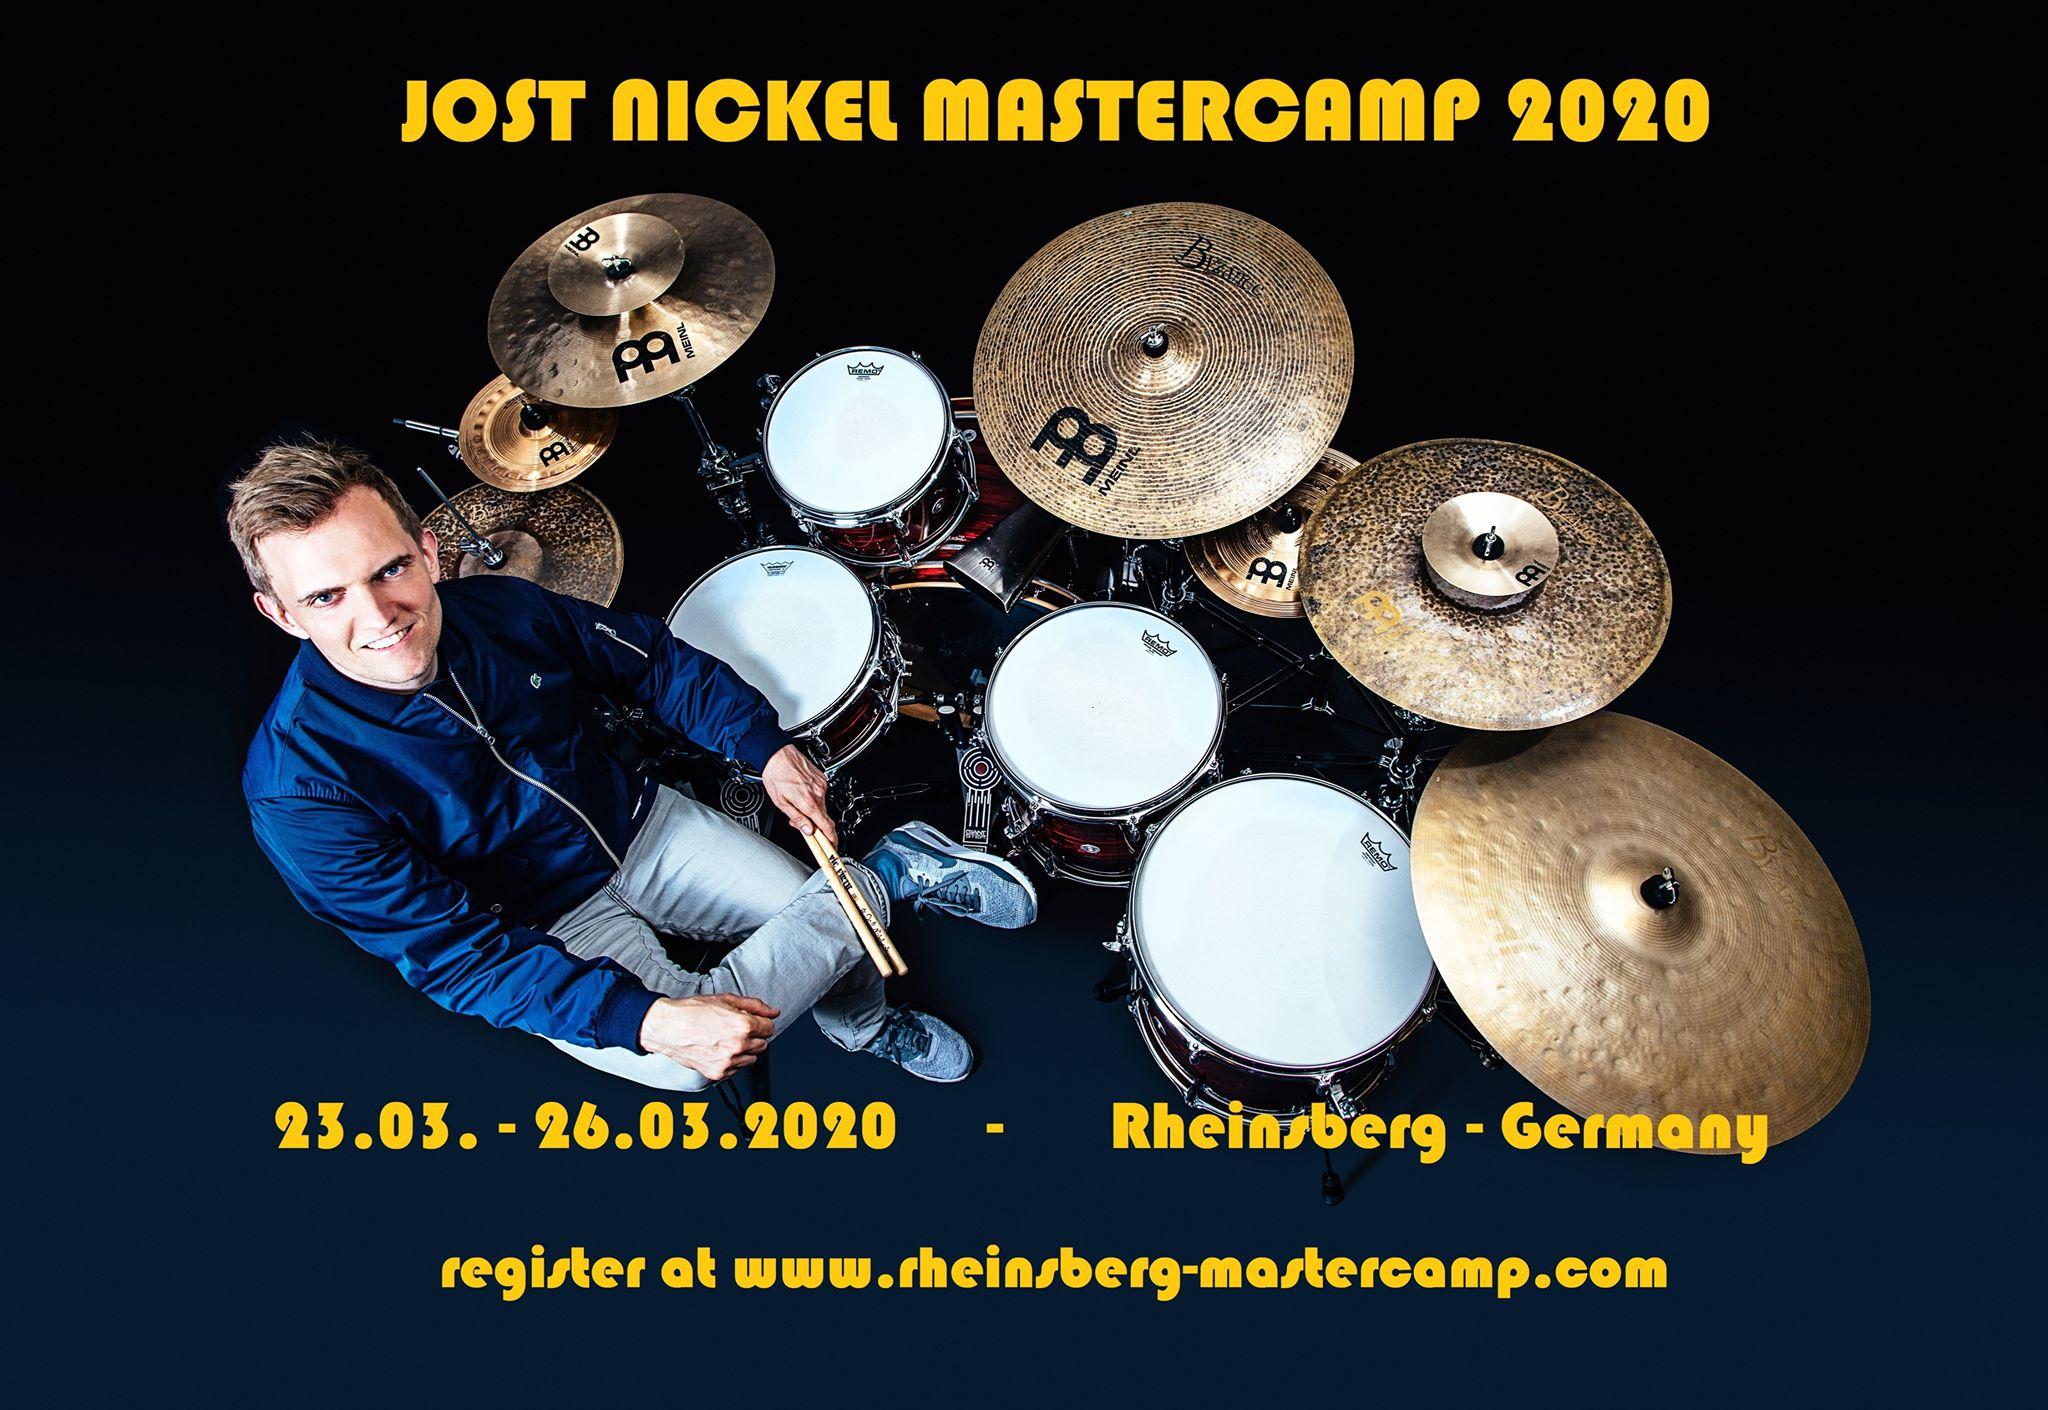 Jost Nickel - 23.03. - 26.03.2020 #Rheinsberg #Mastercamp